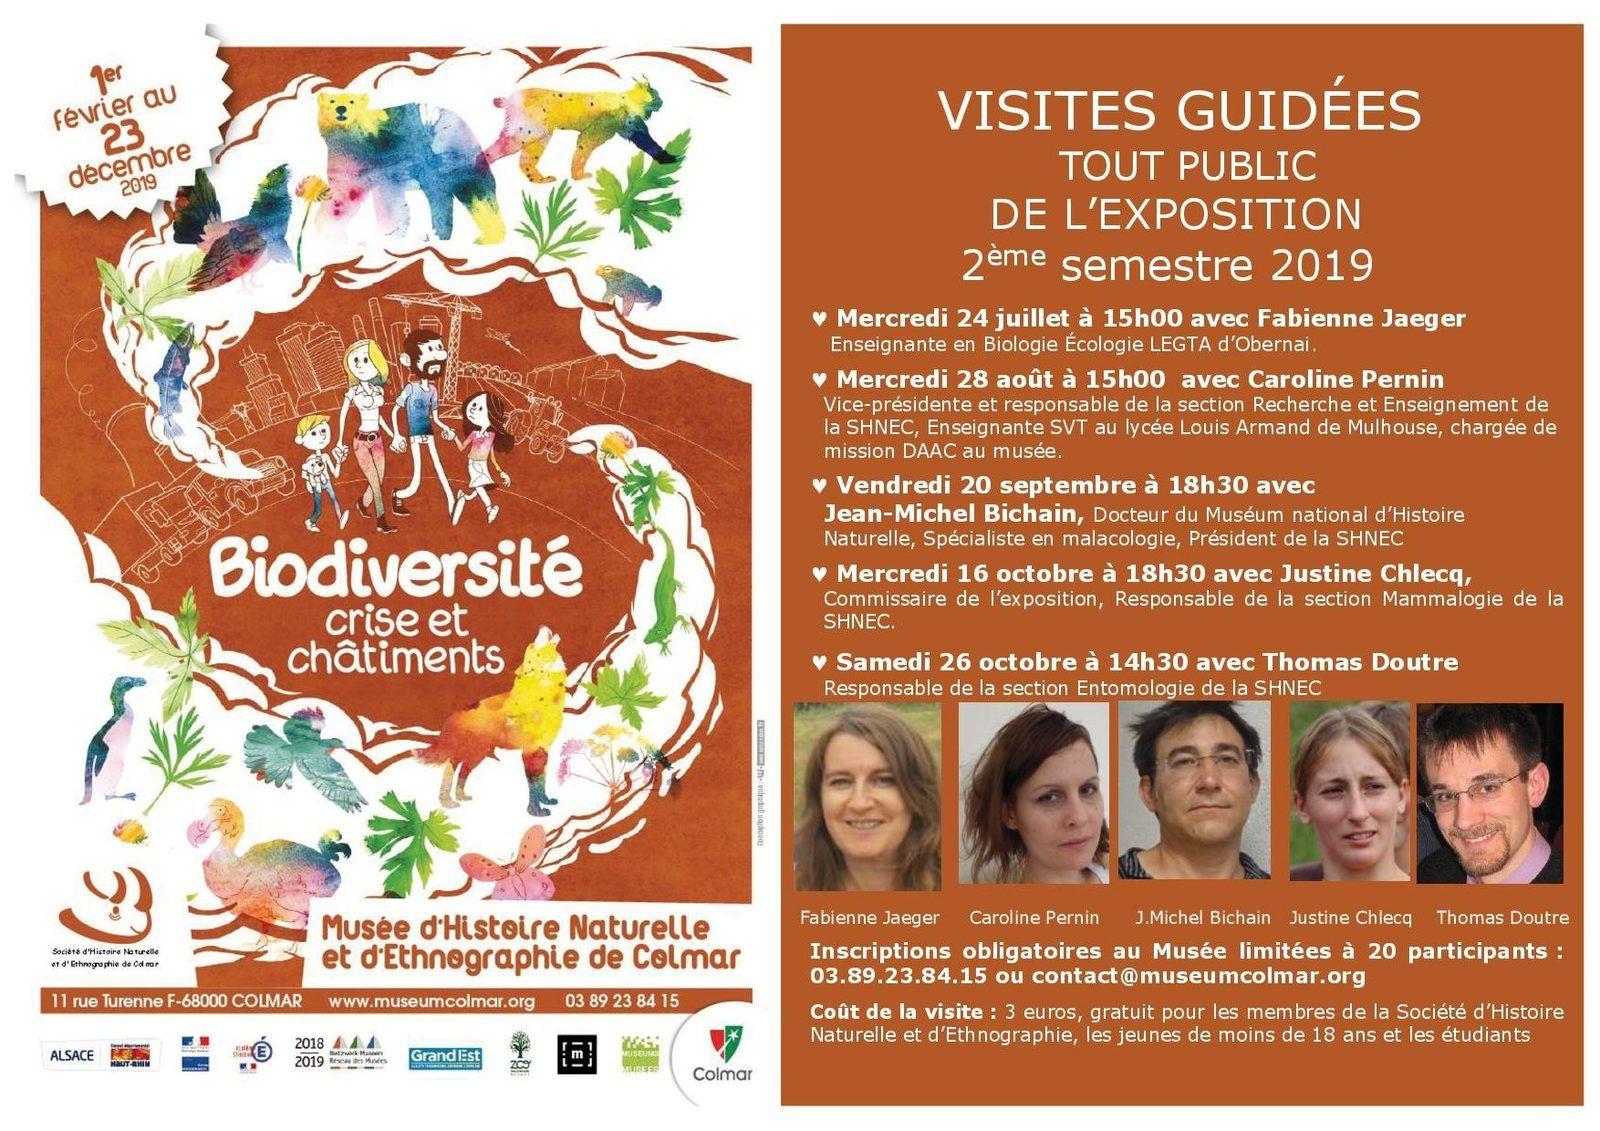 Grand-Tétras (photo : Olivier Gutfreund, sur le site du muséum : museumcolmar.org)